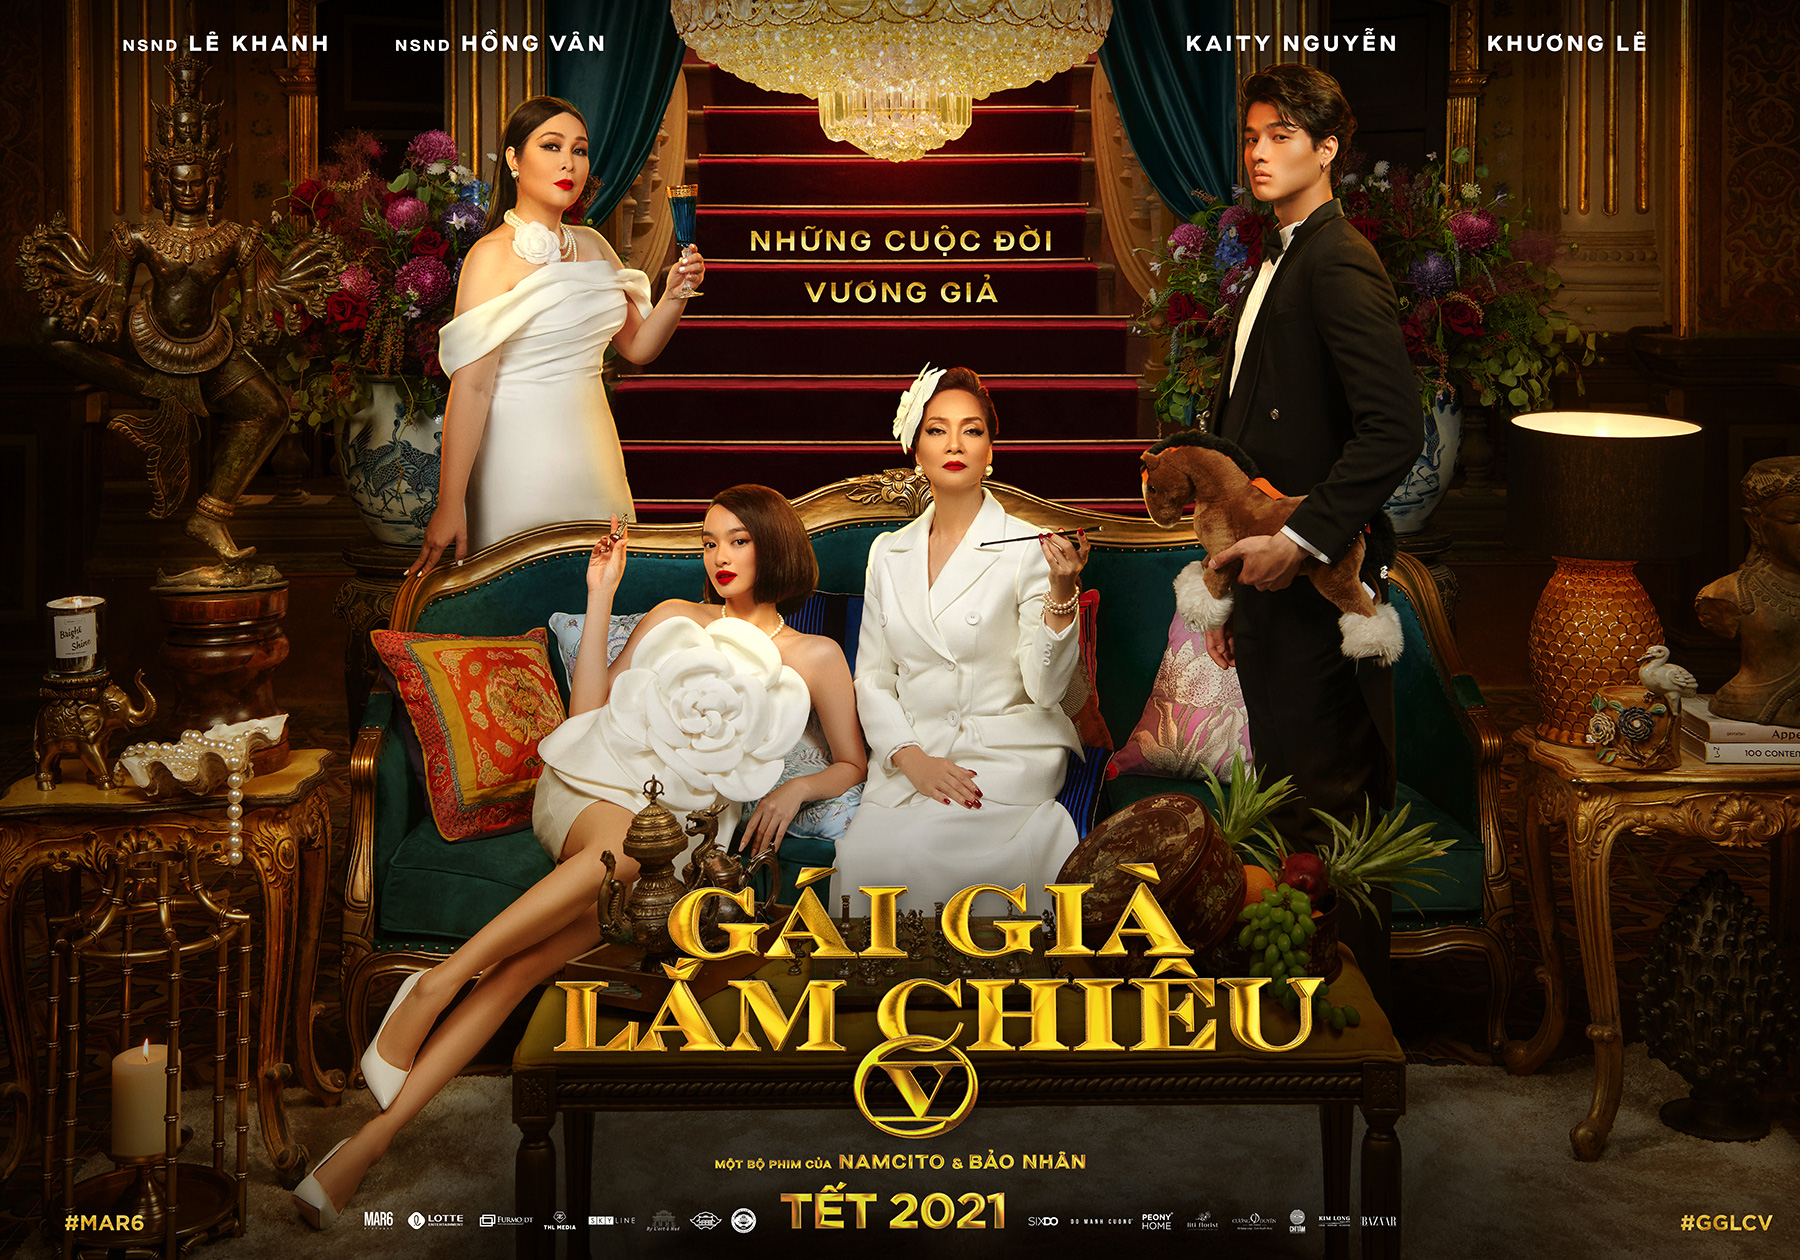 Kaity Nguyễn cùng Lê Khanh, Hồng Vân gia nhập đường đua phim Tết với Gái già lắm chiêu 5 - Ảnh 5.